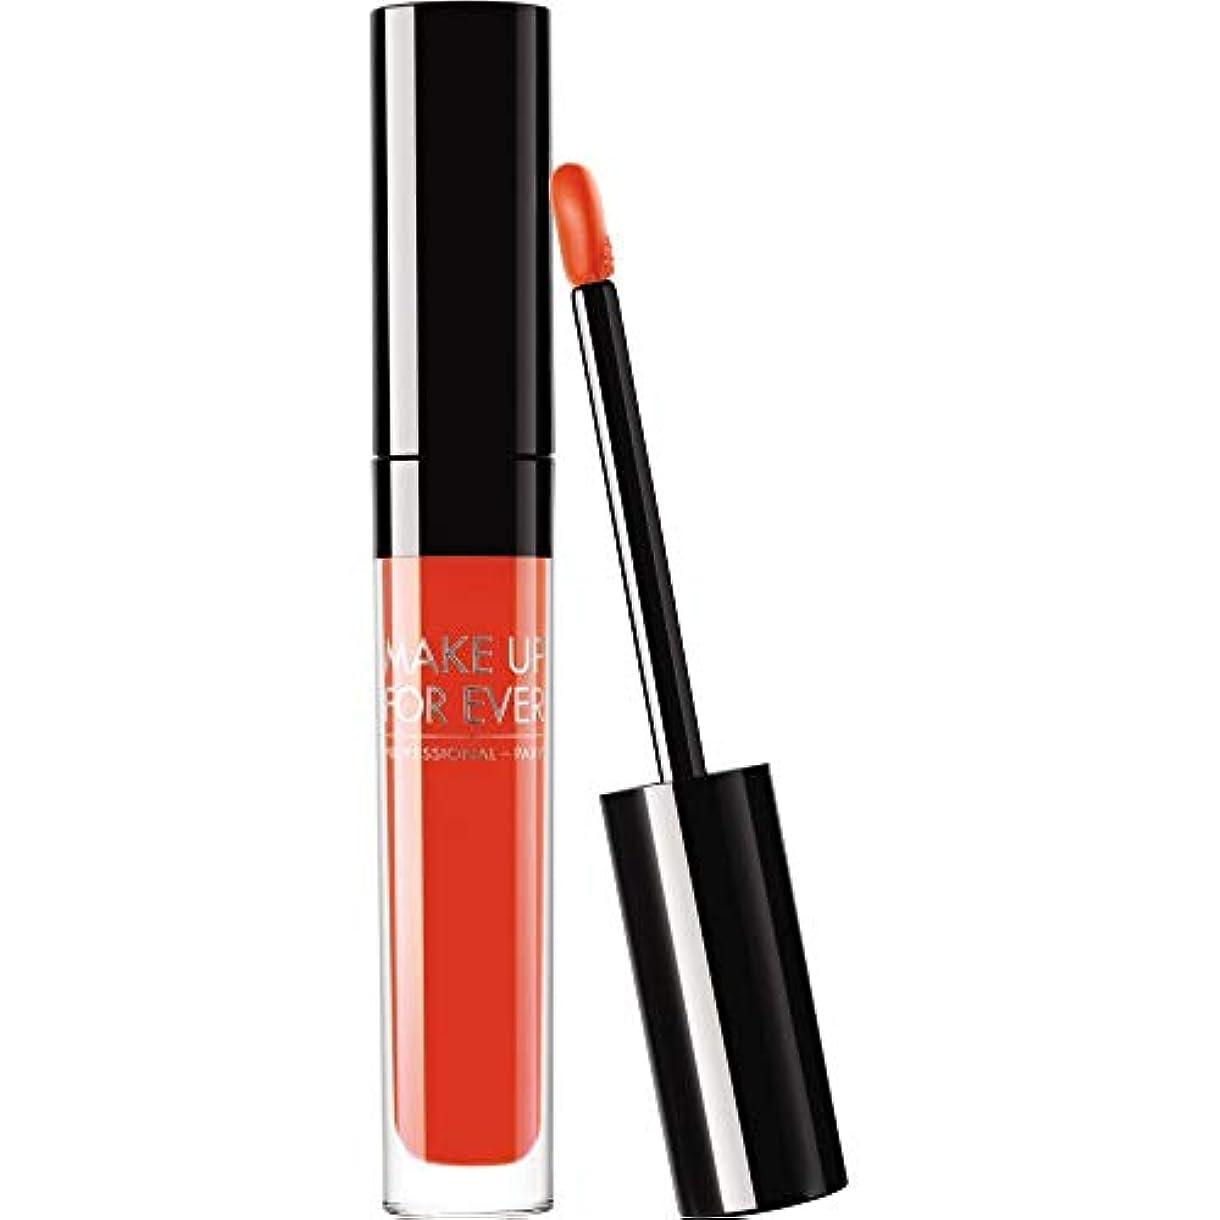 毒性潤滑する比較[MAKE UP FOR EVER] これまでアーティストの液体マットリップカラー2.5ミリリットルの303を補う - オレンジ - MAKE UP FOR EVER Artist Liquid Matte Lip Colour 2.5ml 303 - Orange [並行輸入品]